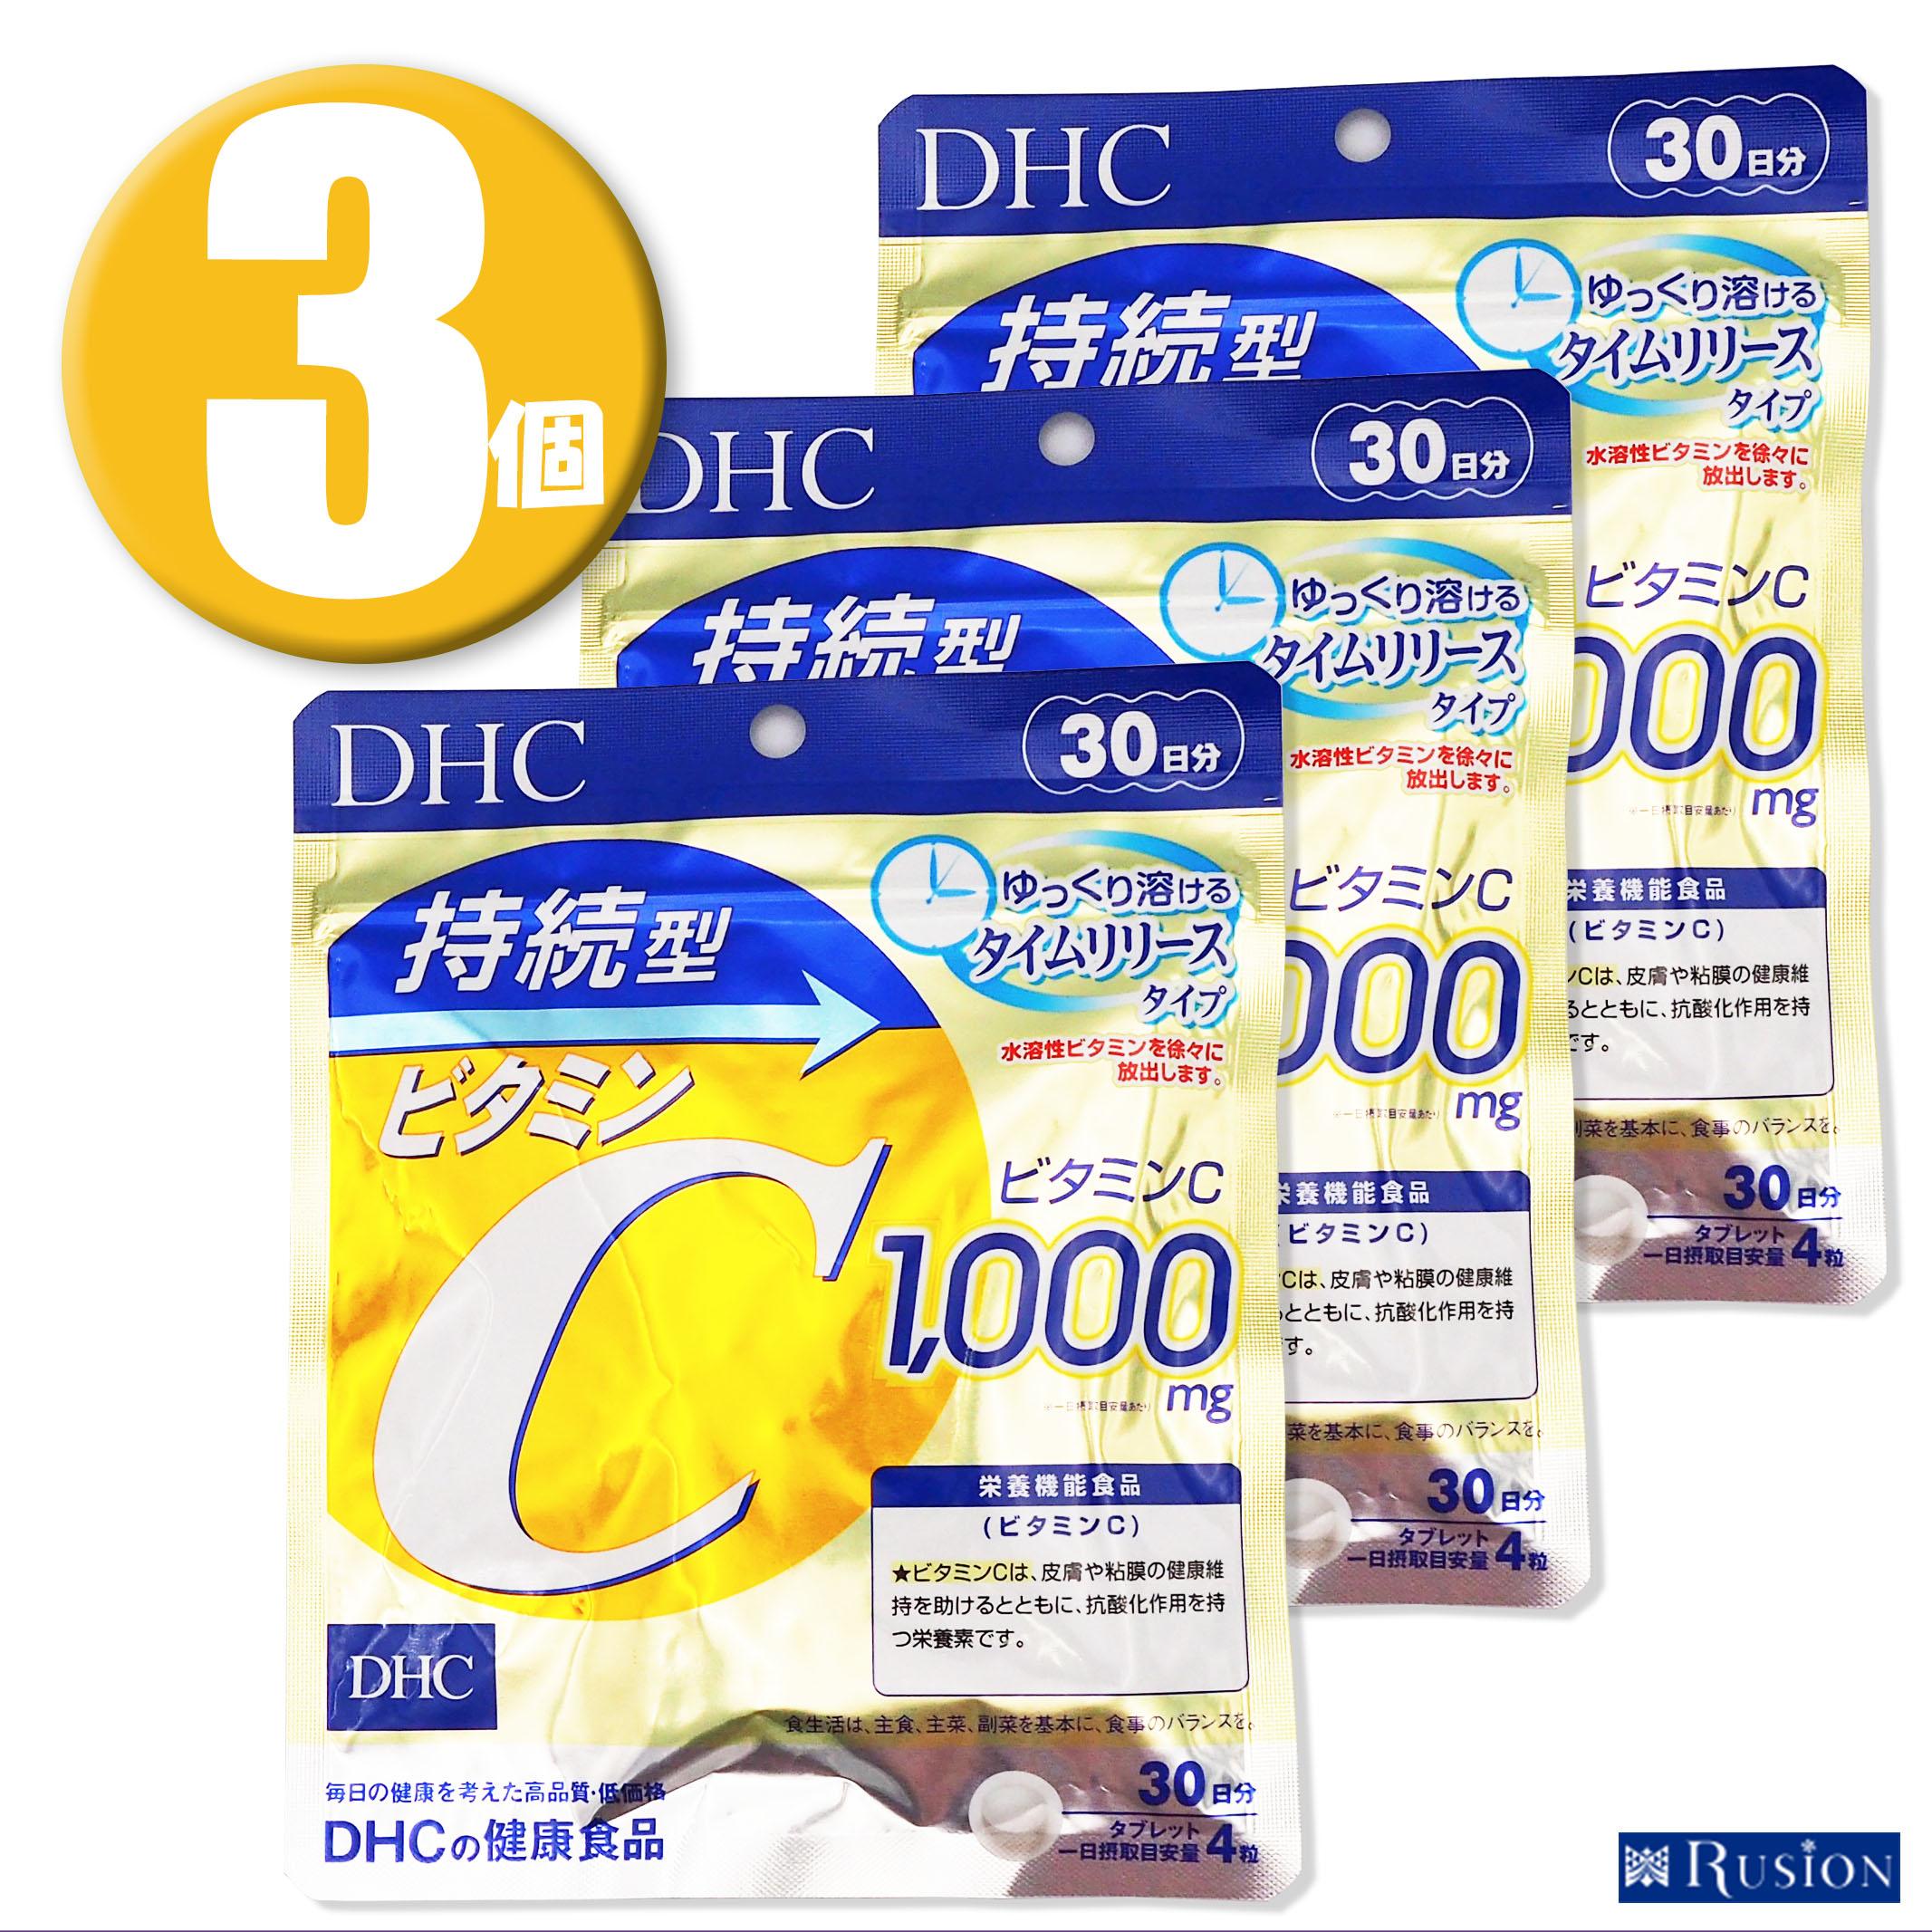 キレイと元気を効率よくサポート 3個 DHC 希少 サプリメント ディーエイチシー おしゃれ 30日分×3個 栄養機能食品 持続型ビタミンC